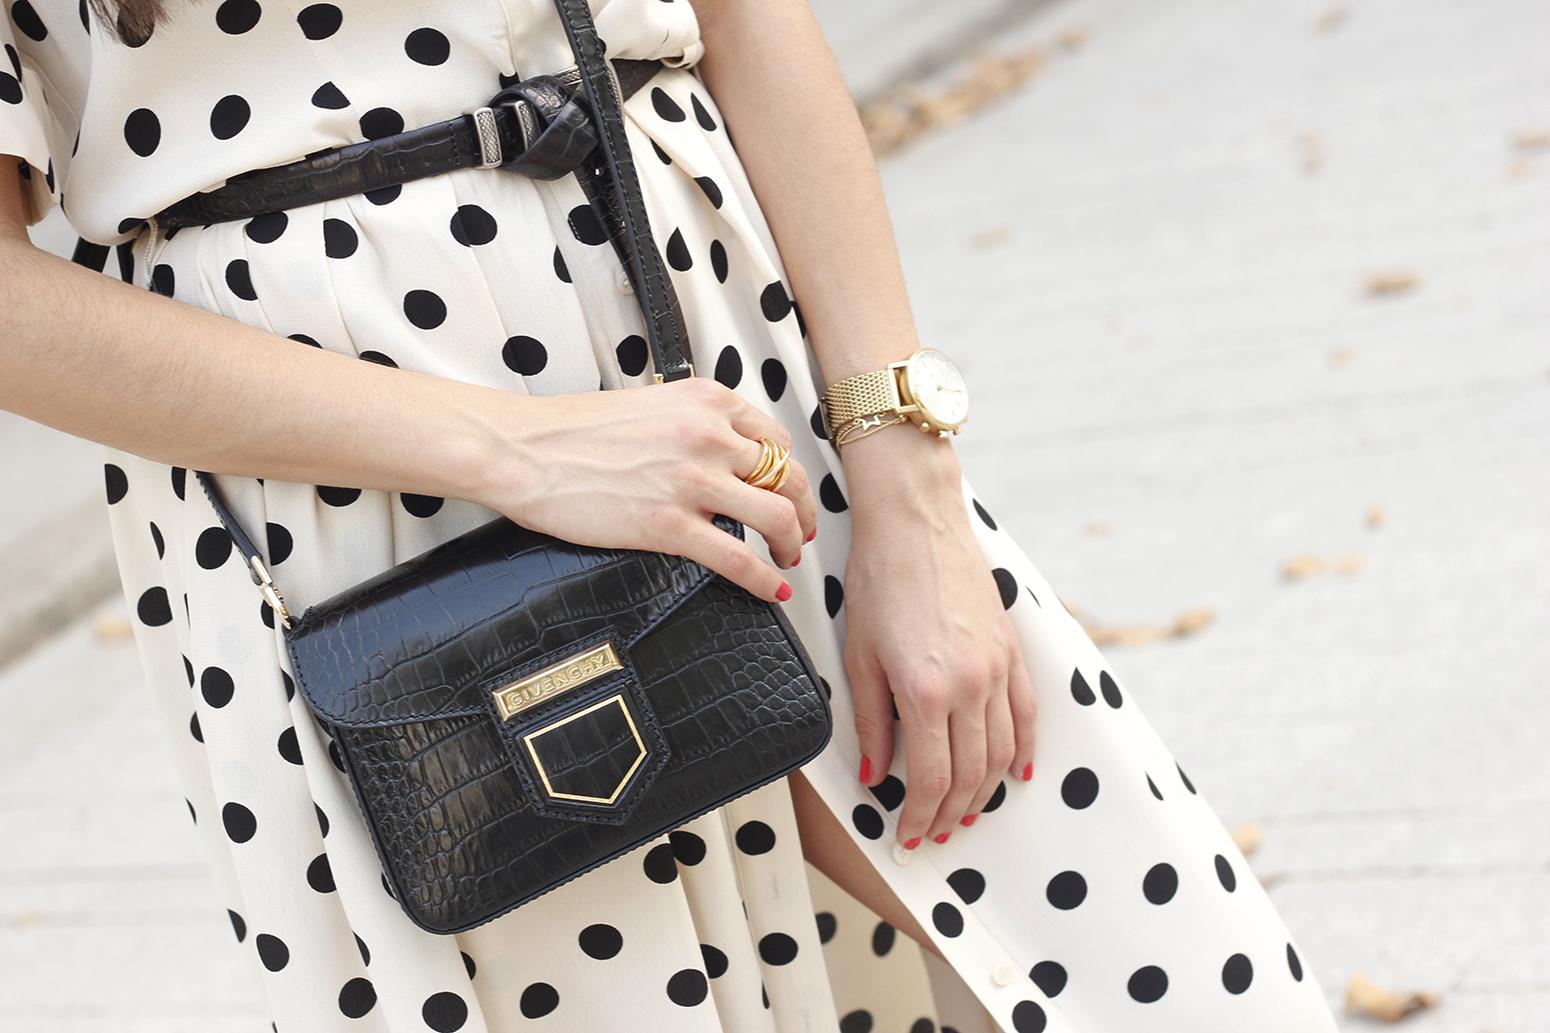 Maxi dress polka dots uterqüe converse givenchy bag summer outfit summer14